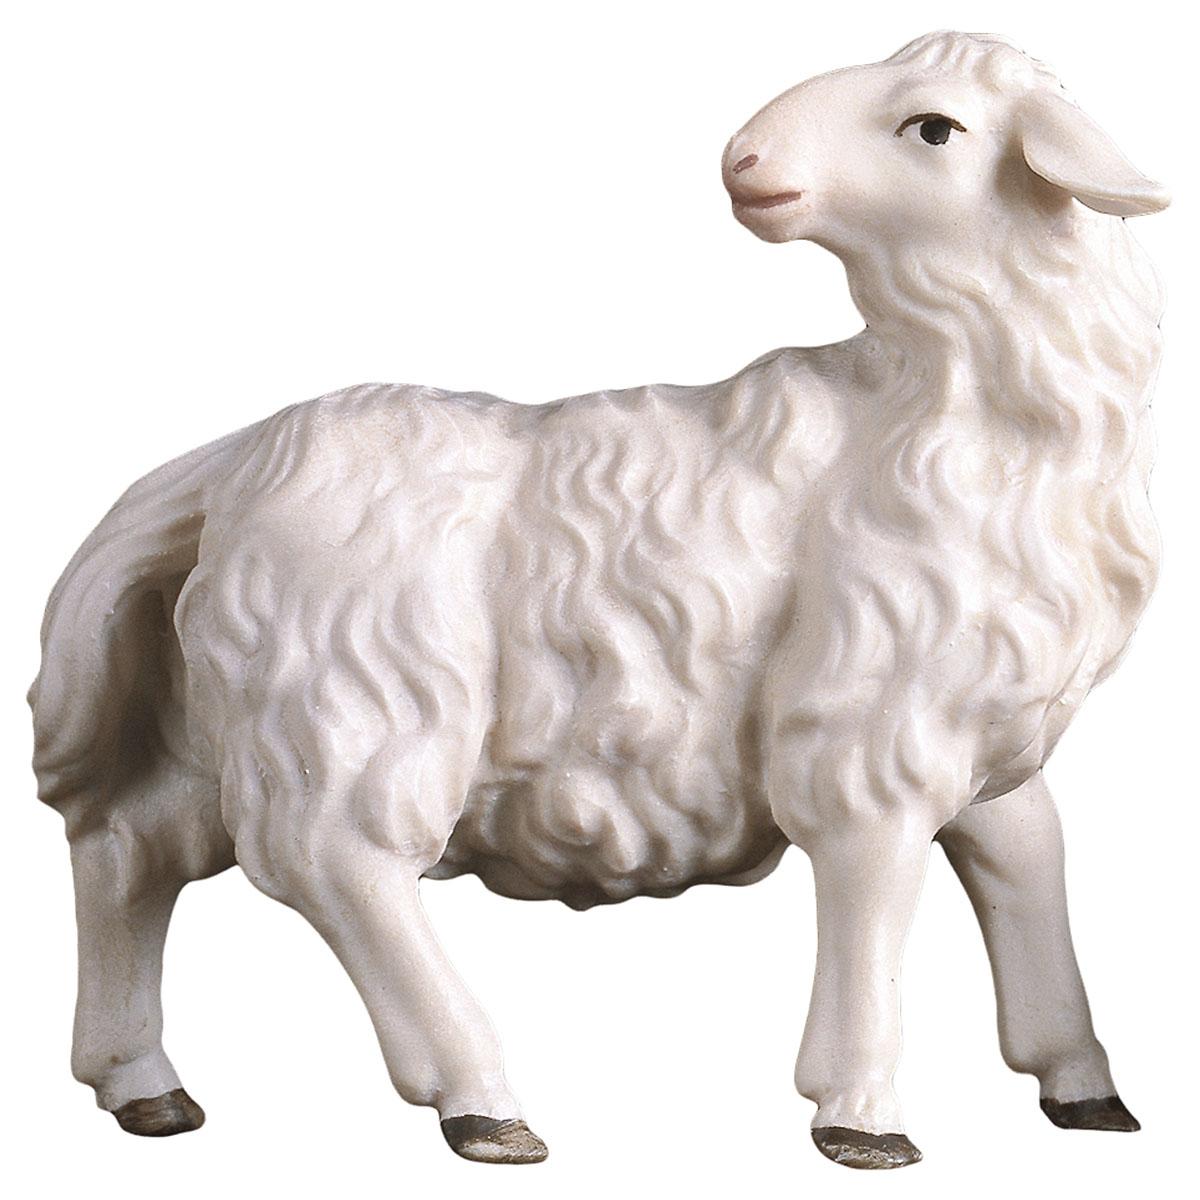 Schaf rückwärts schauend